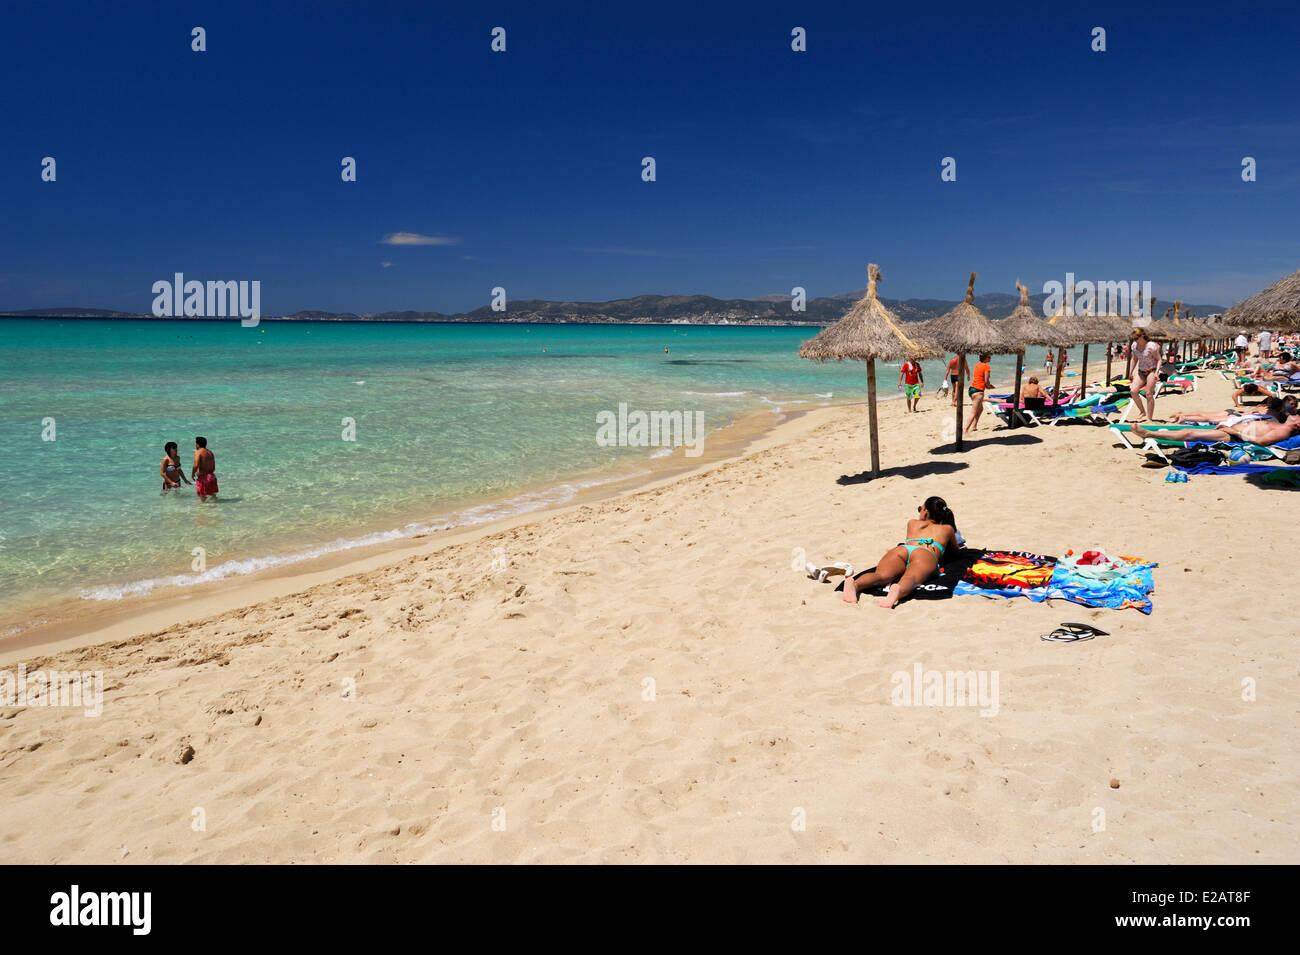 Пляж эль ареналь майорка фото отзывы